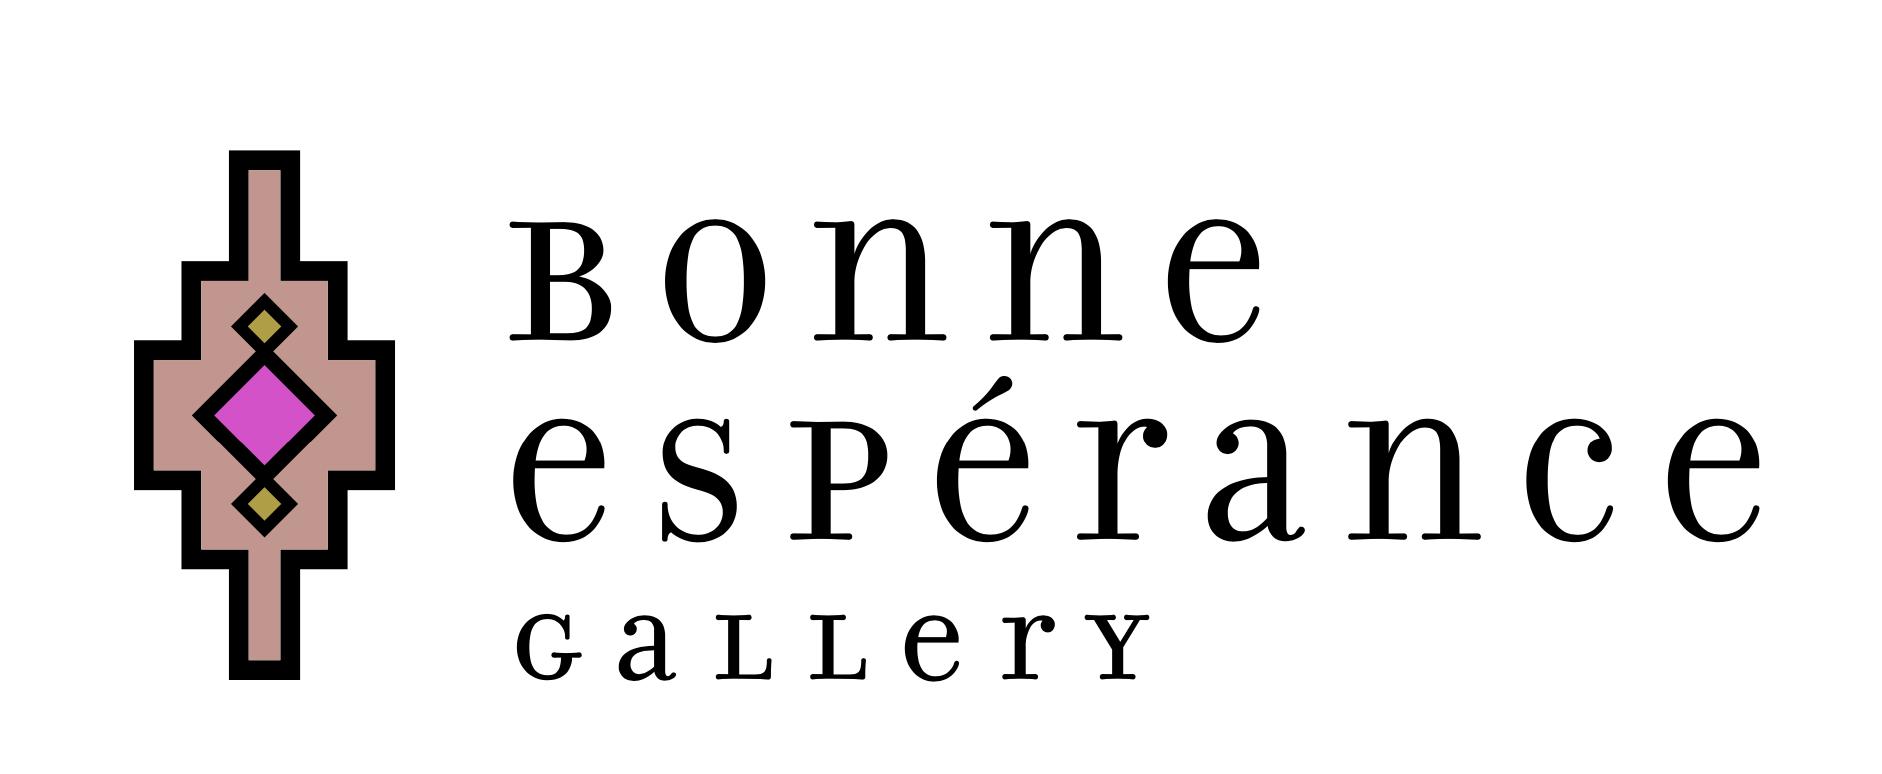 Bonne Espérance Gallery